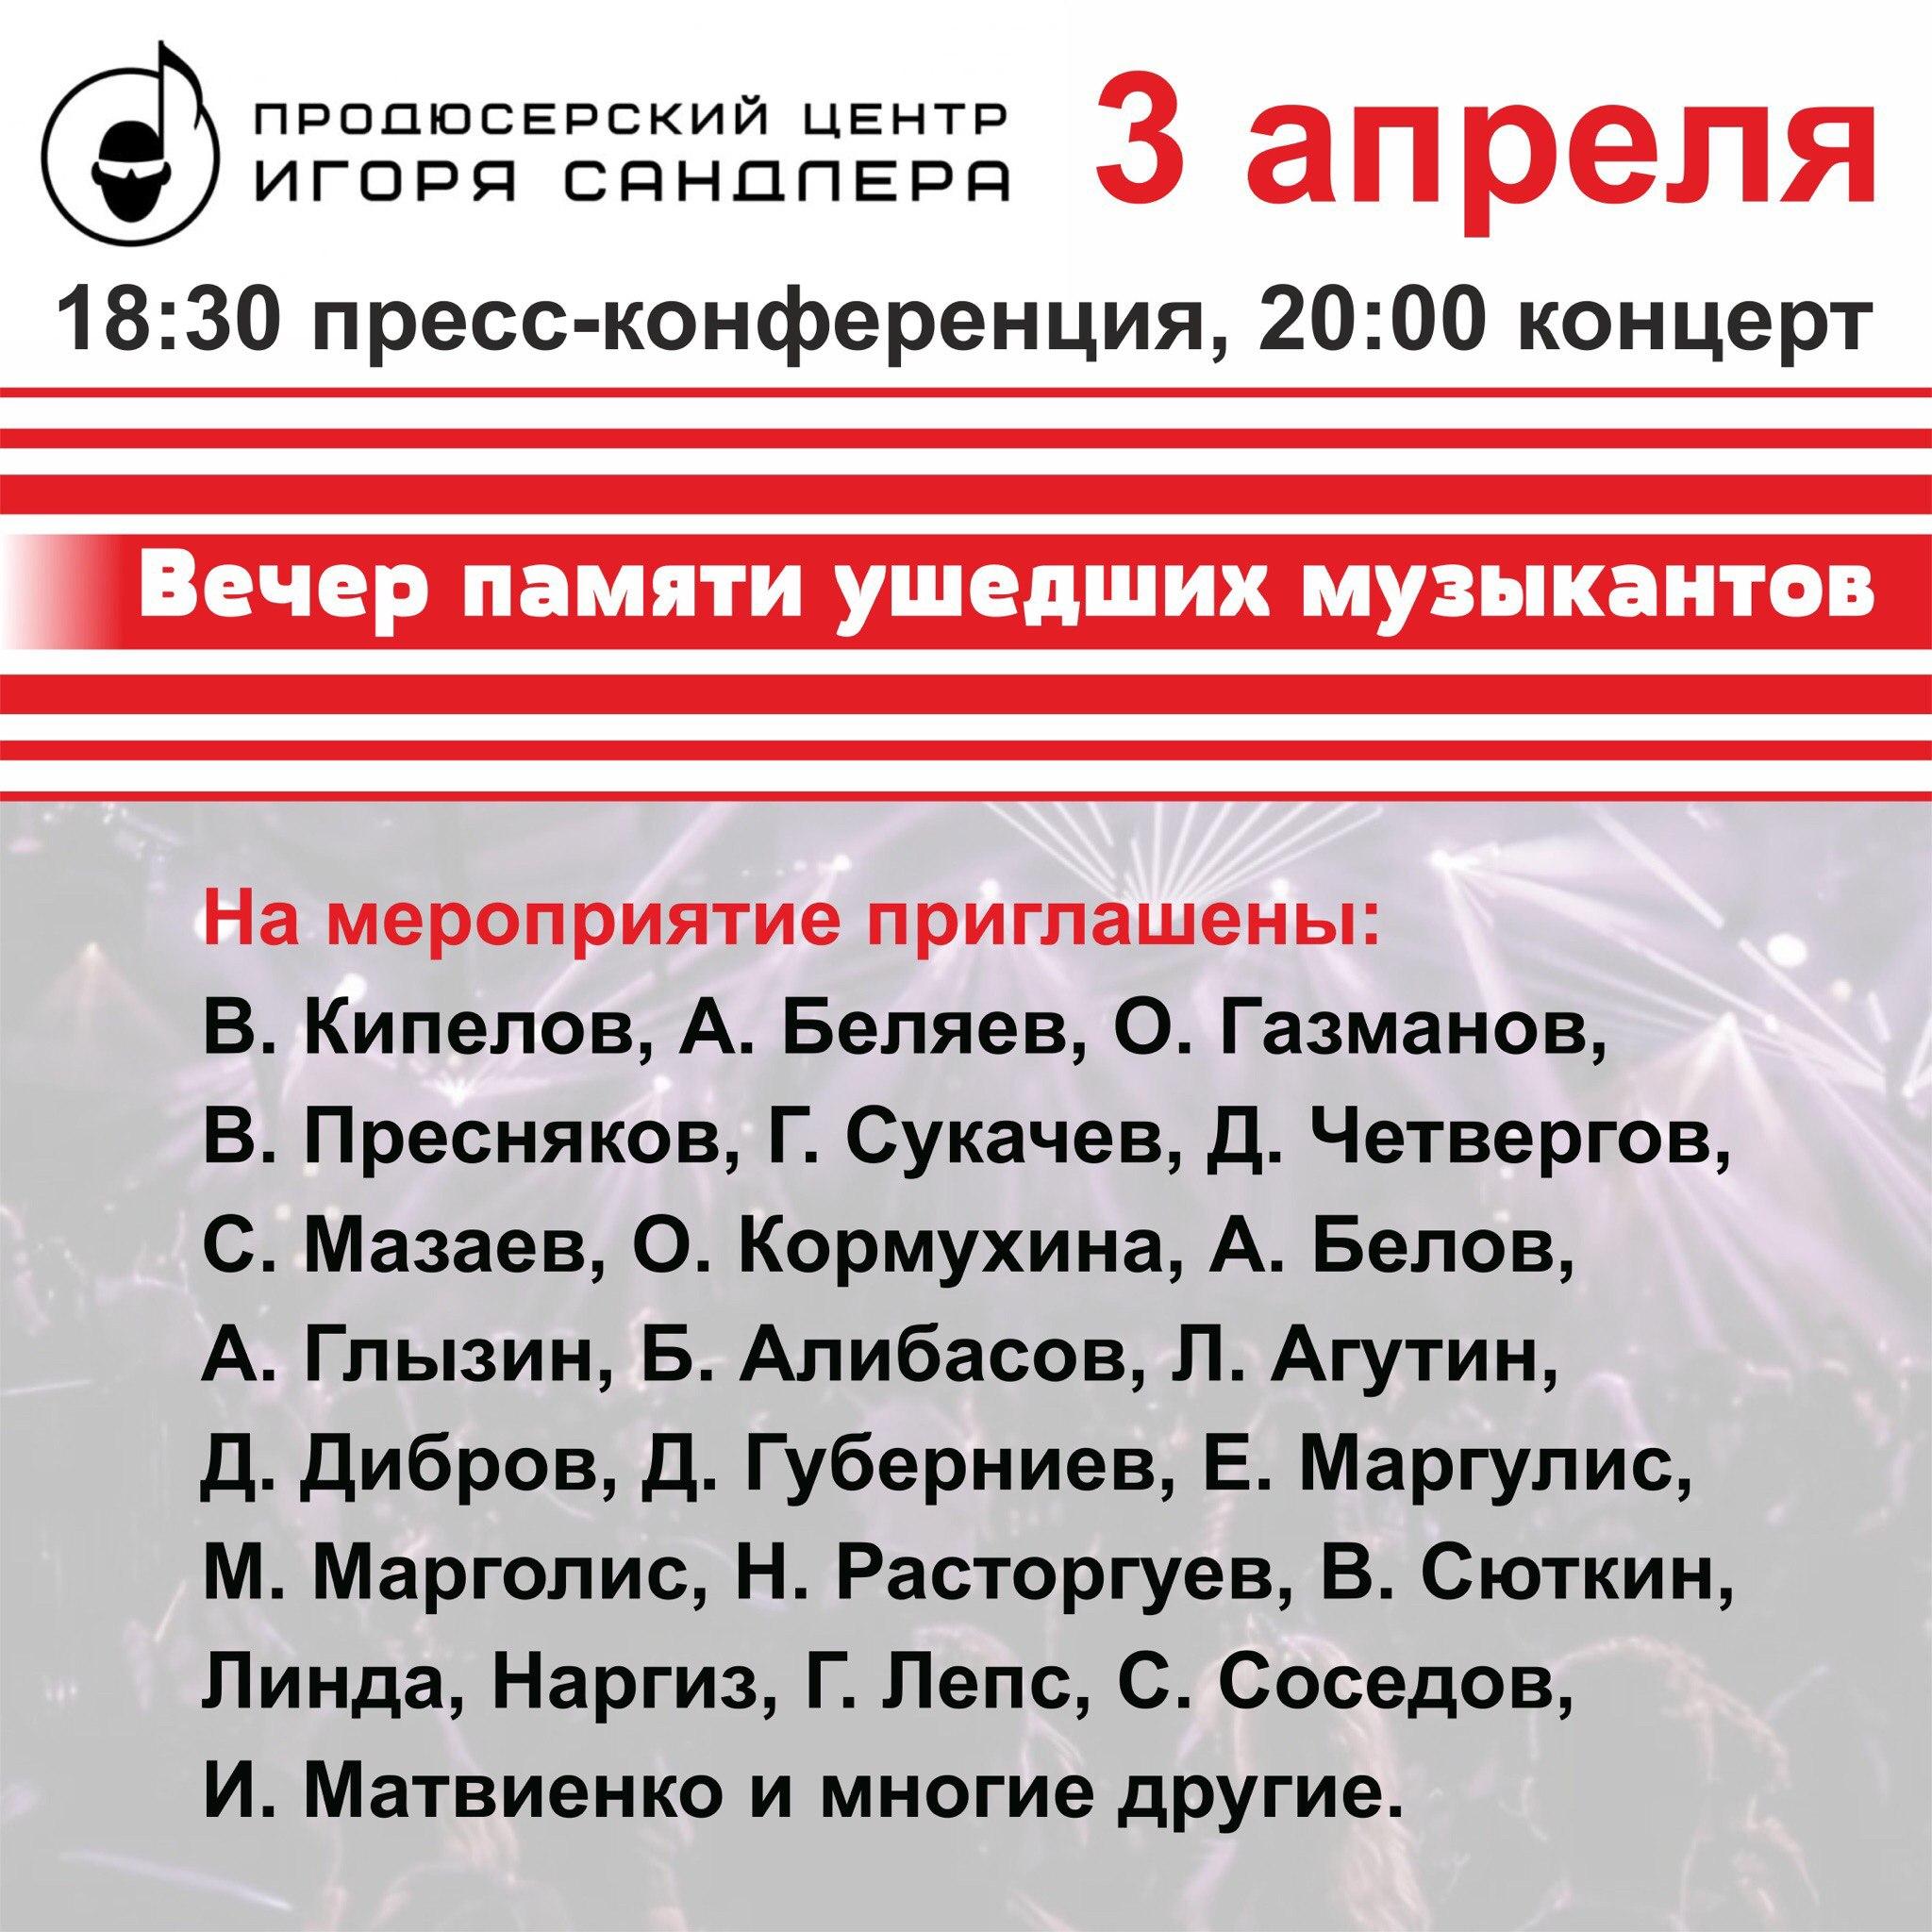 """6aDsWBTtDUQ - Продюсерский центр Игоря Сандлера будет рад видеть Вас на мероприятии """"Вечер памяти ушедших музыкантов""""!"""